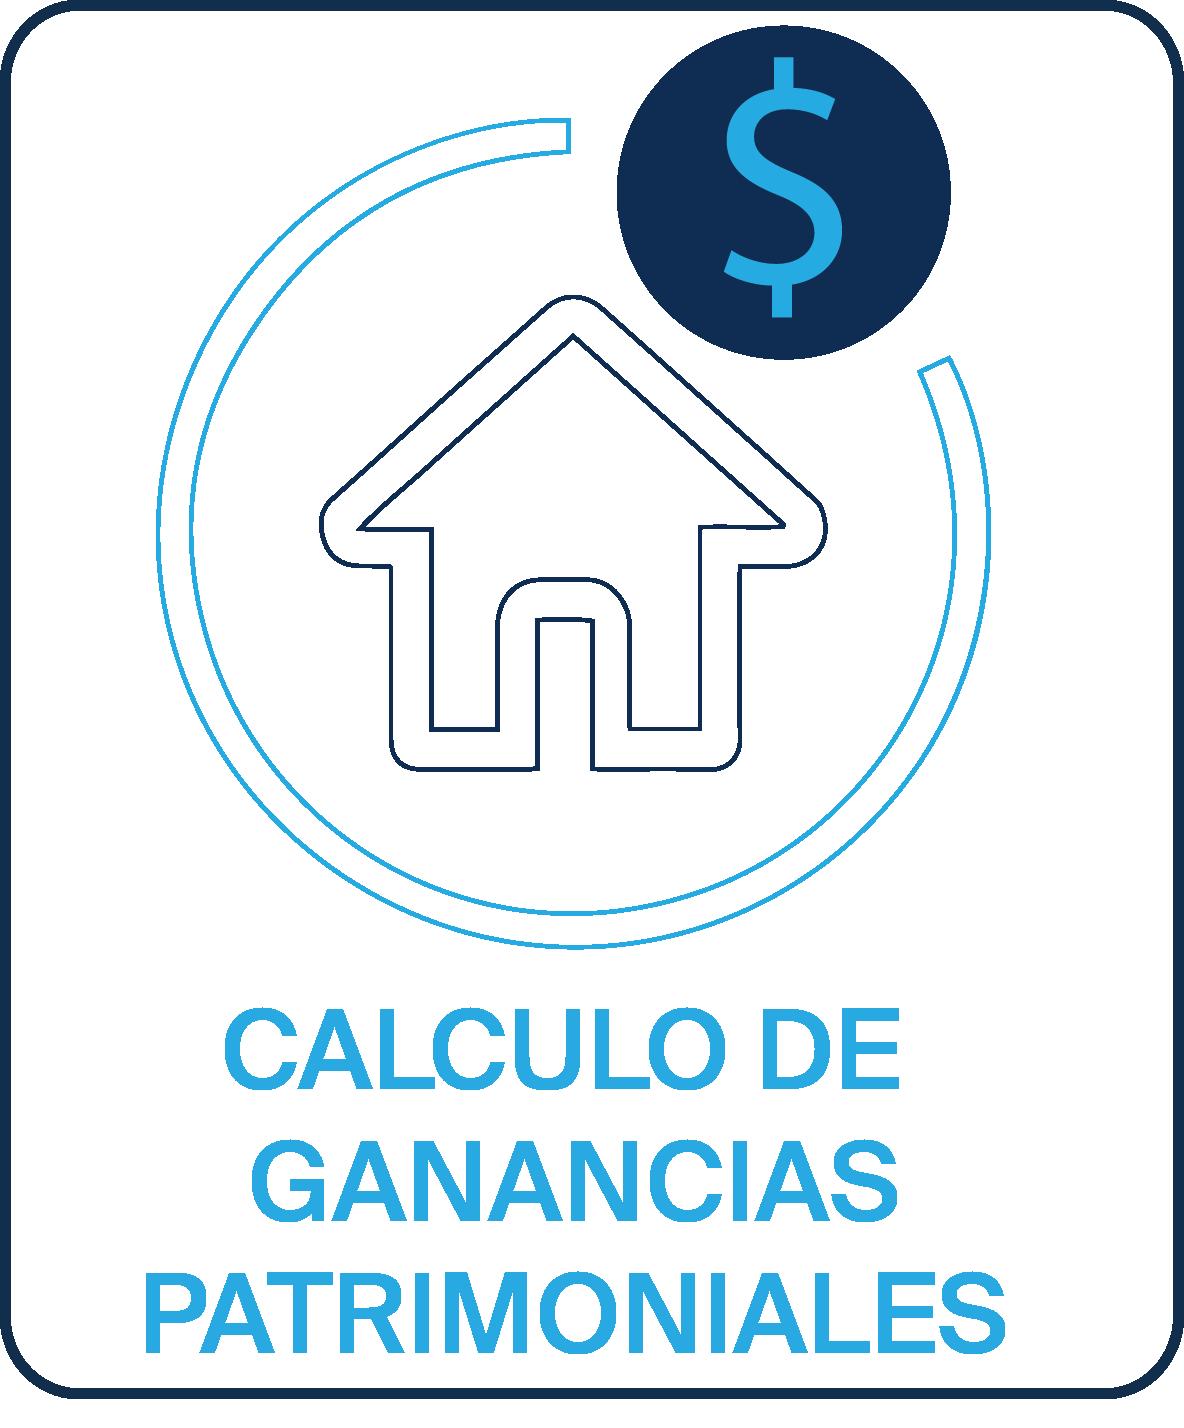 Cálculo de Ganancias Patrimoniales